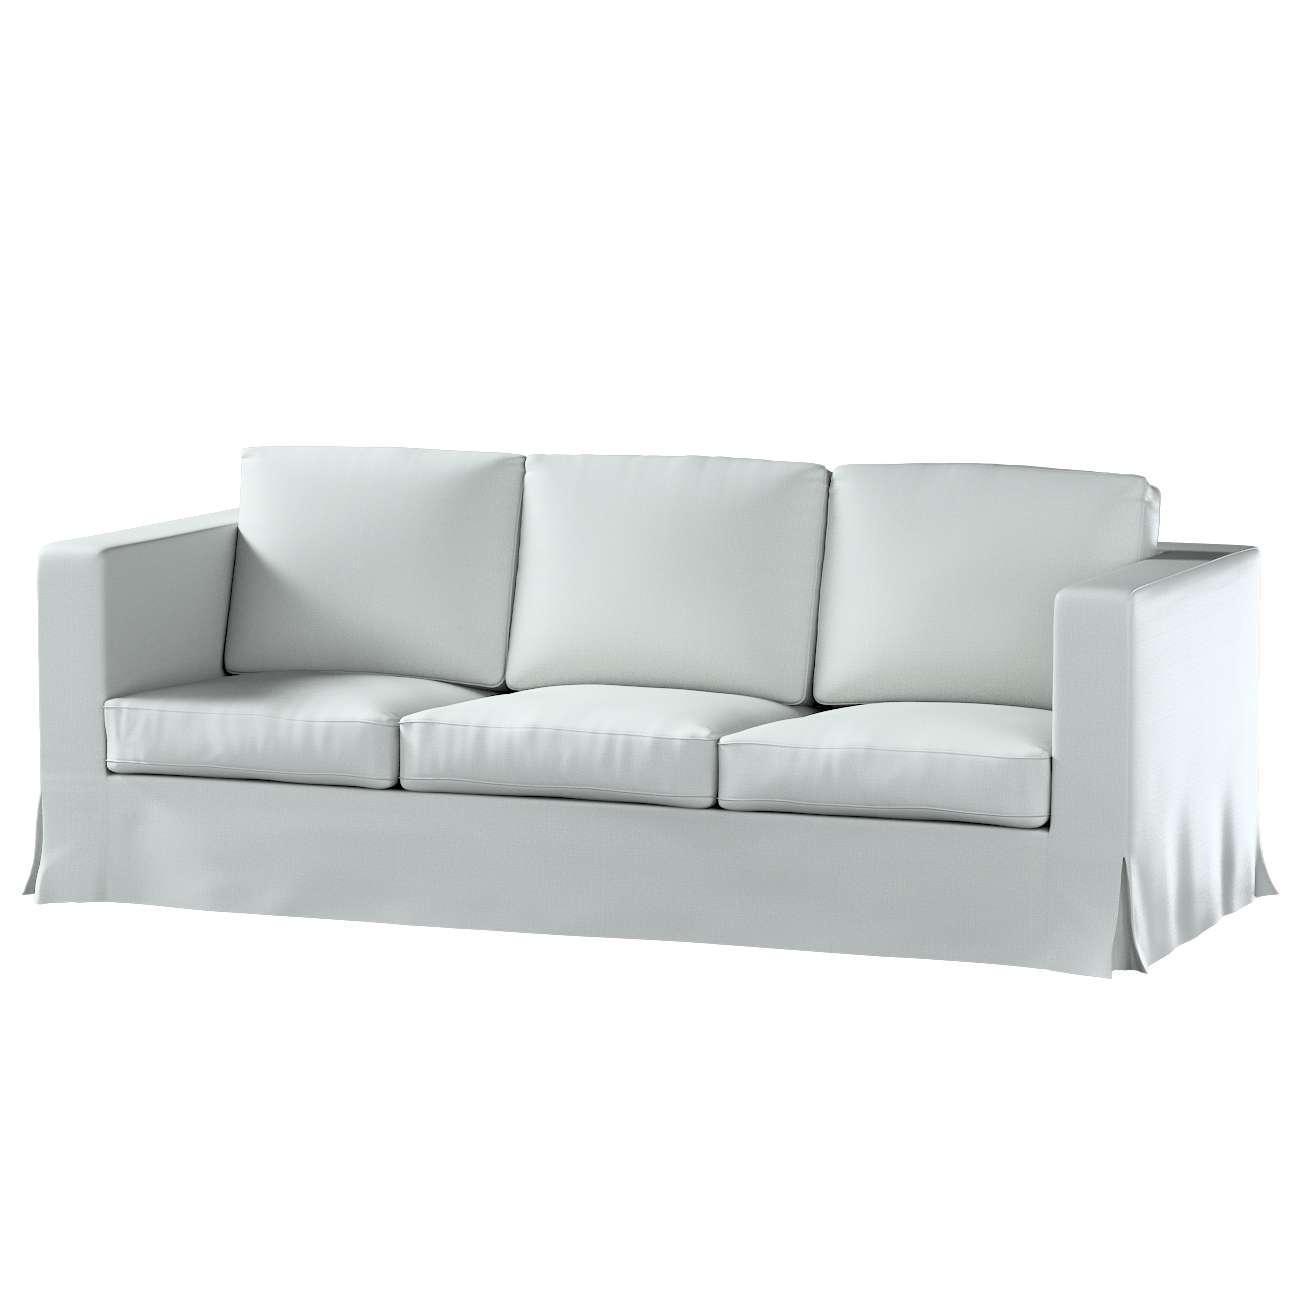 Pokrowiec na sofę Karlanda 3-osobową nierozkładaną, długi w kolekcji Bergen, tkanina: 161-72